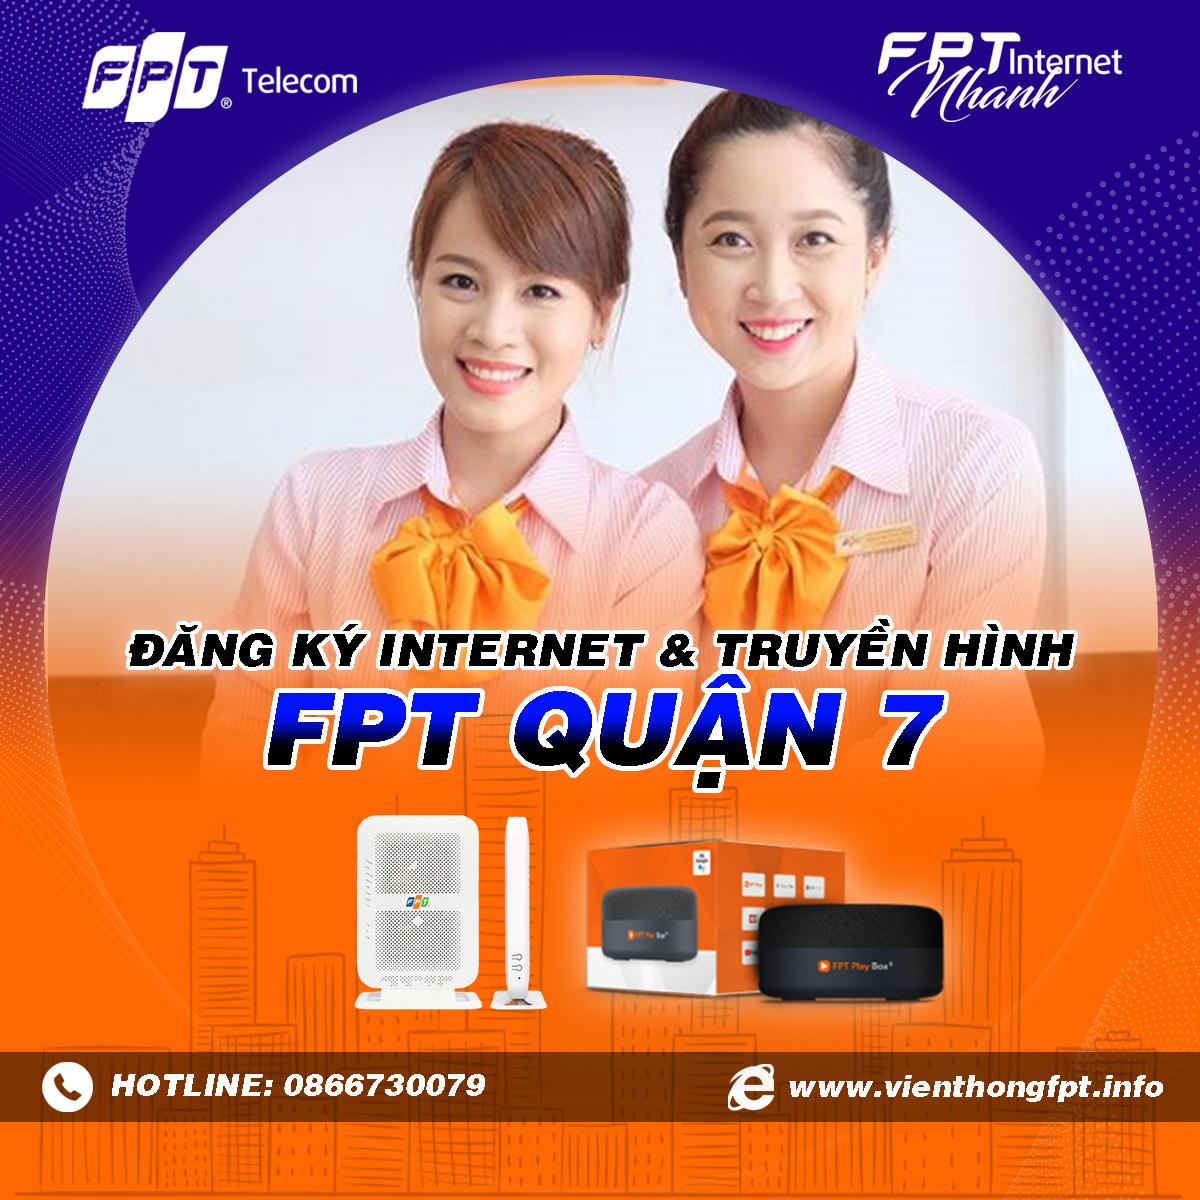 Chi nhánh FPT Quận 7 - Tổng đài lắp mạng Internet và Truyền hình FPT